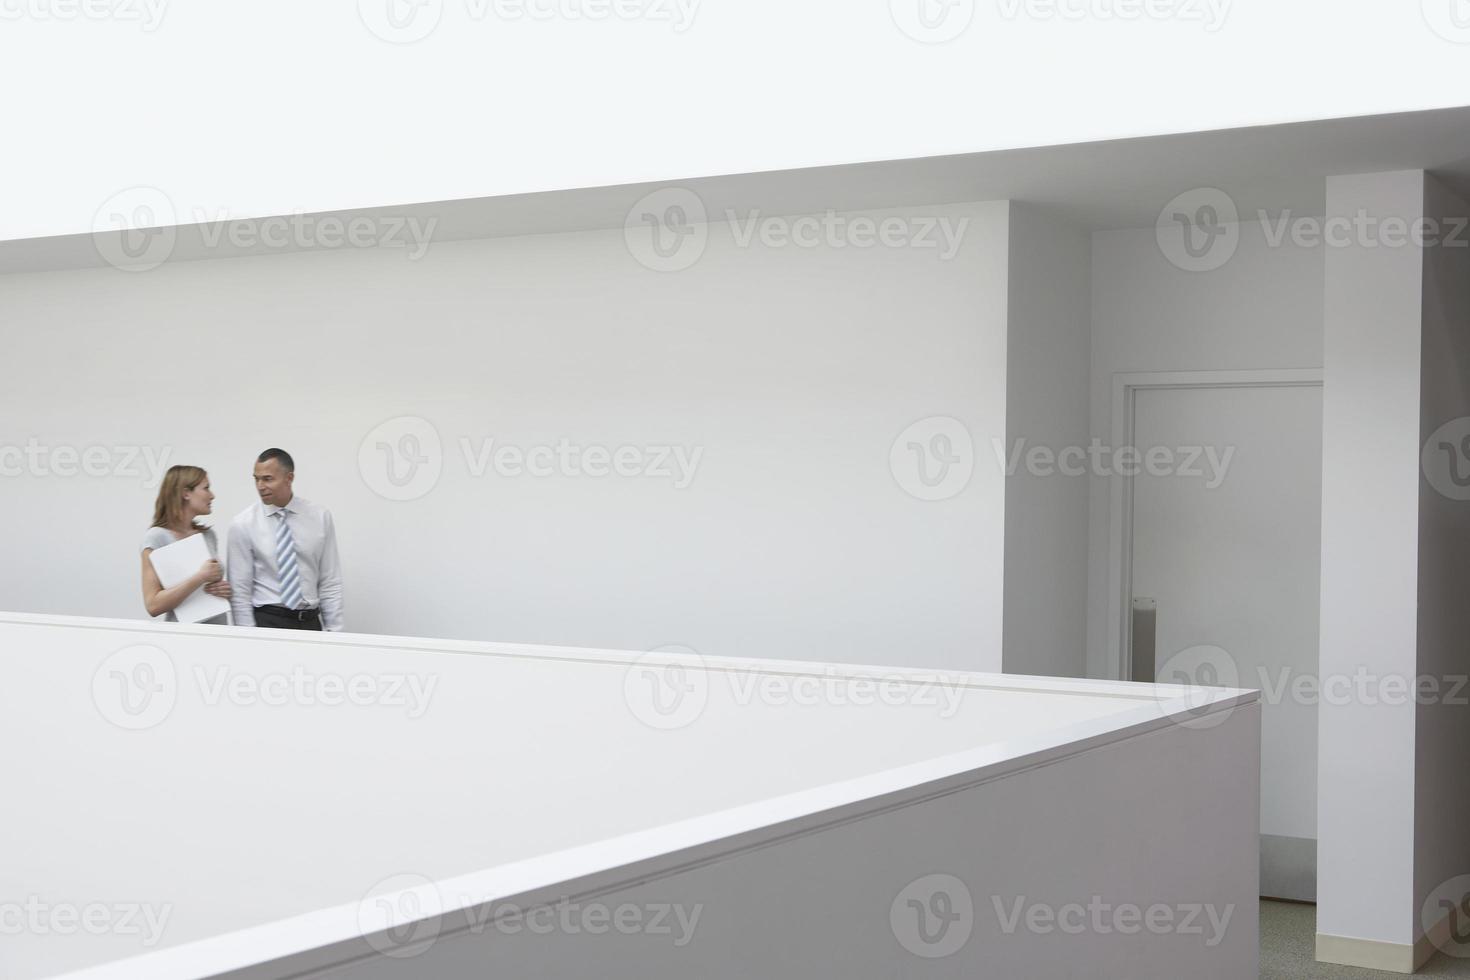 pareja de negocios caminando por el pasillo foto